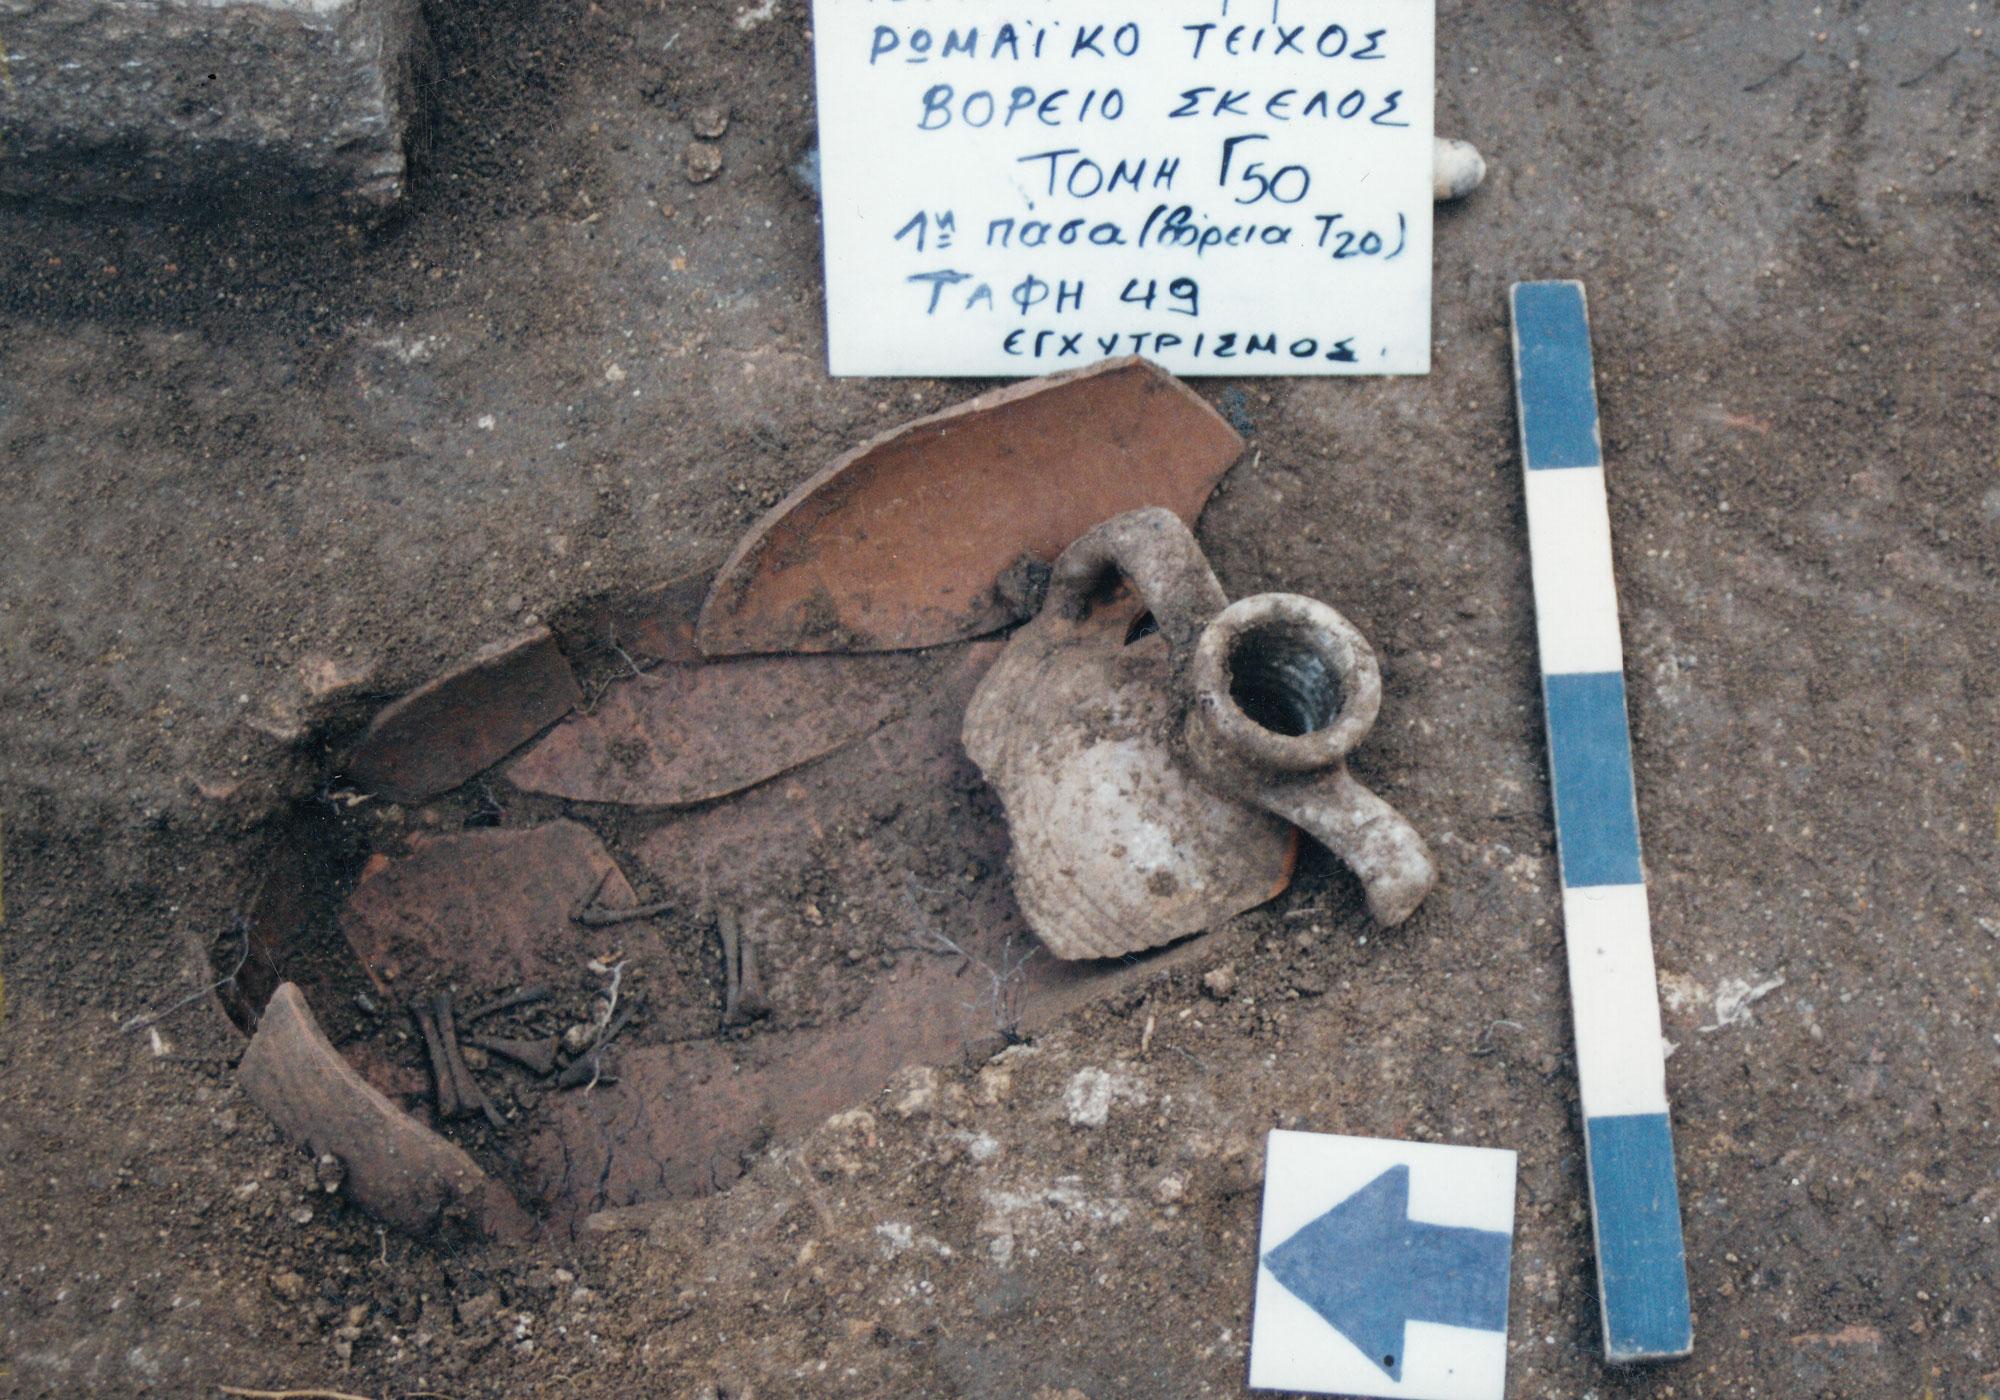 Εγχυτρισμός (ταφή νηπίου στο εσωτερικό αμφορέα)